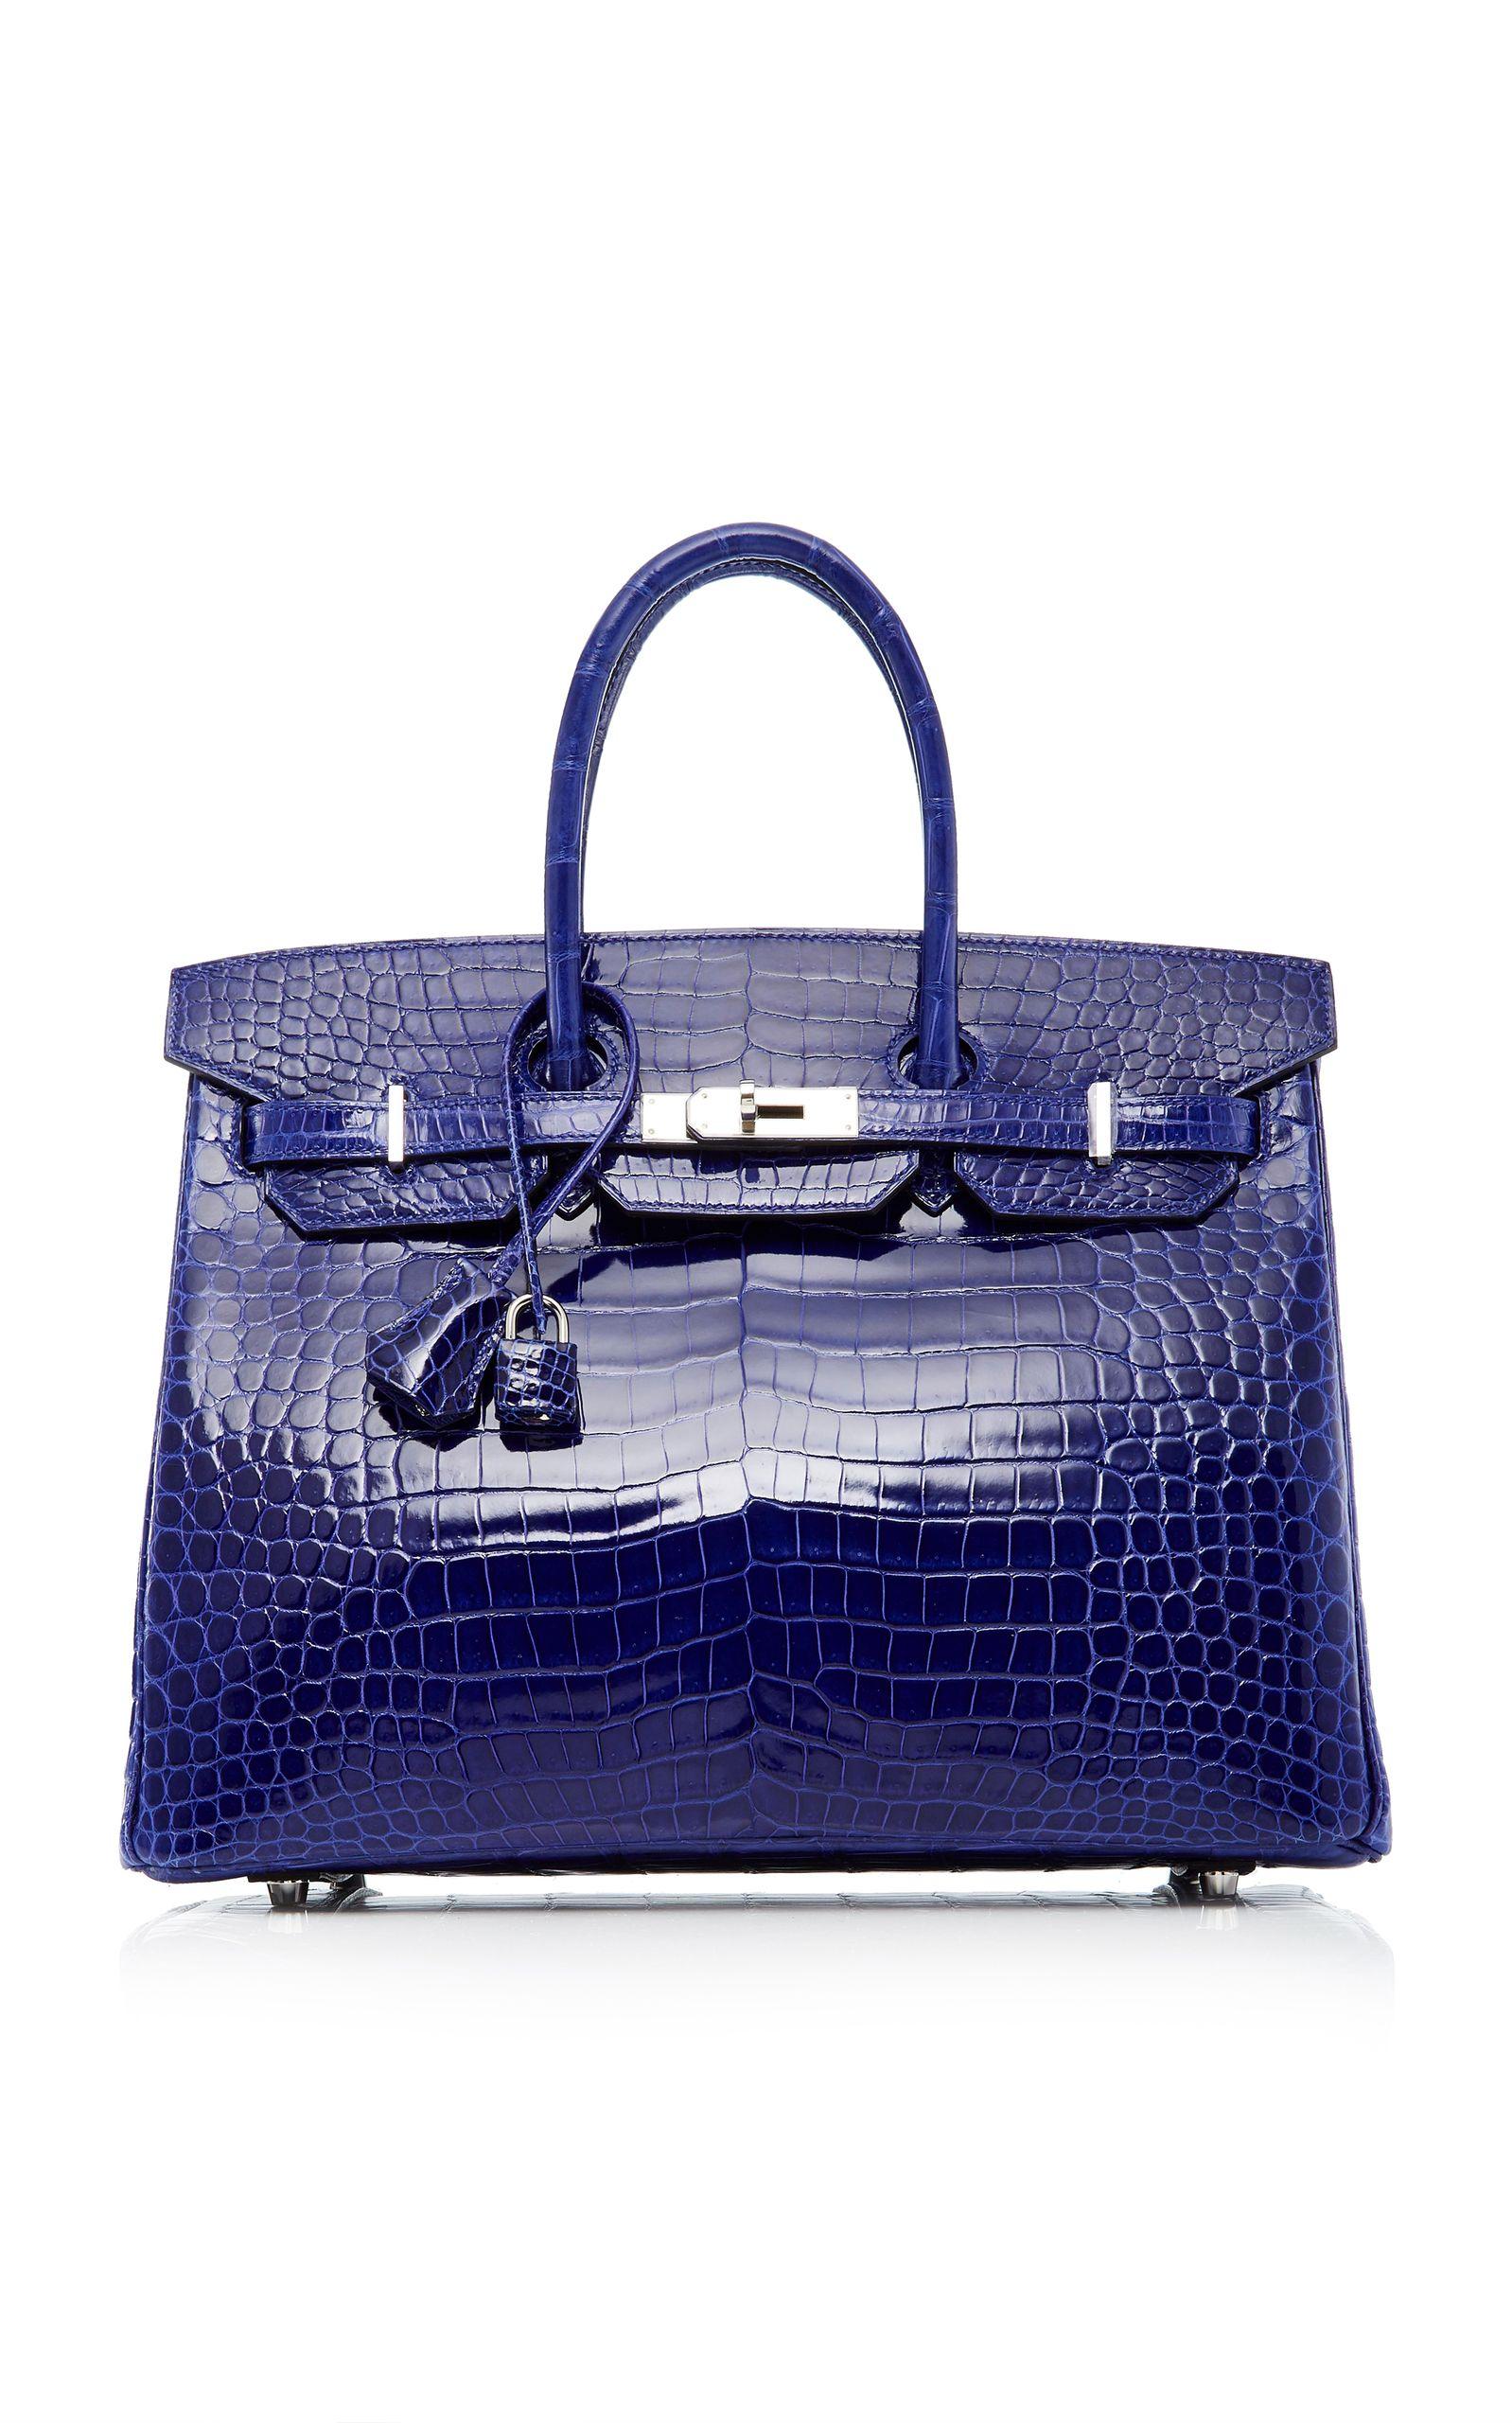 2dbf3fbc06 Hermes Bags, Hermes Handbags, Hermes Birkin, Birkin Bags, Sac Kelly, Leather